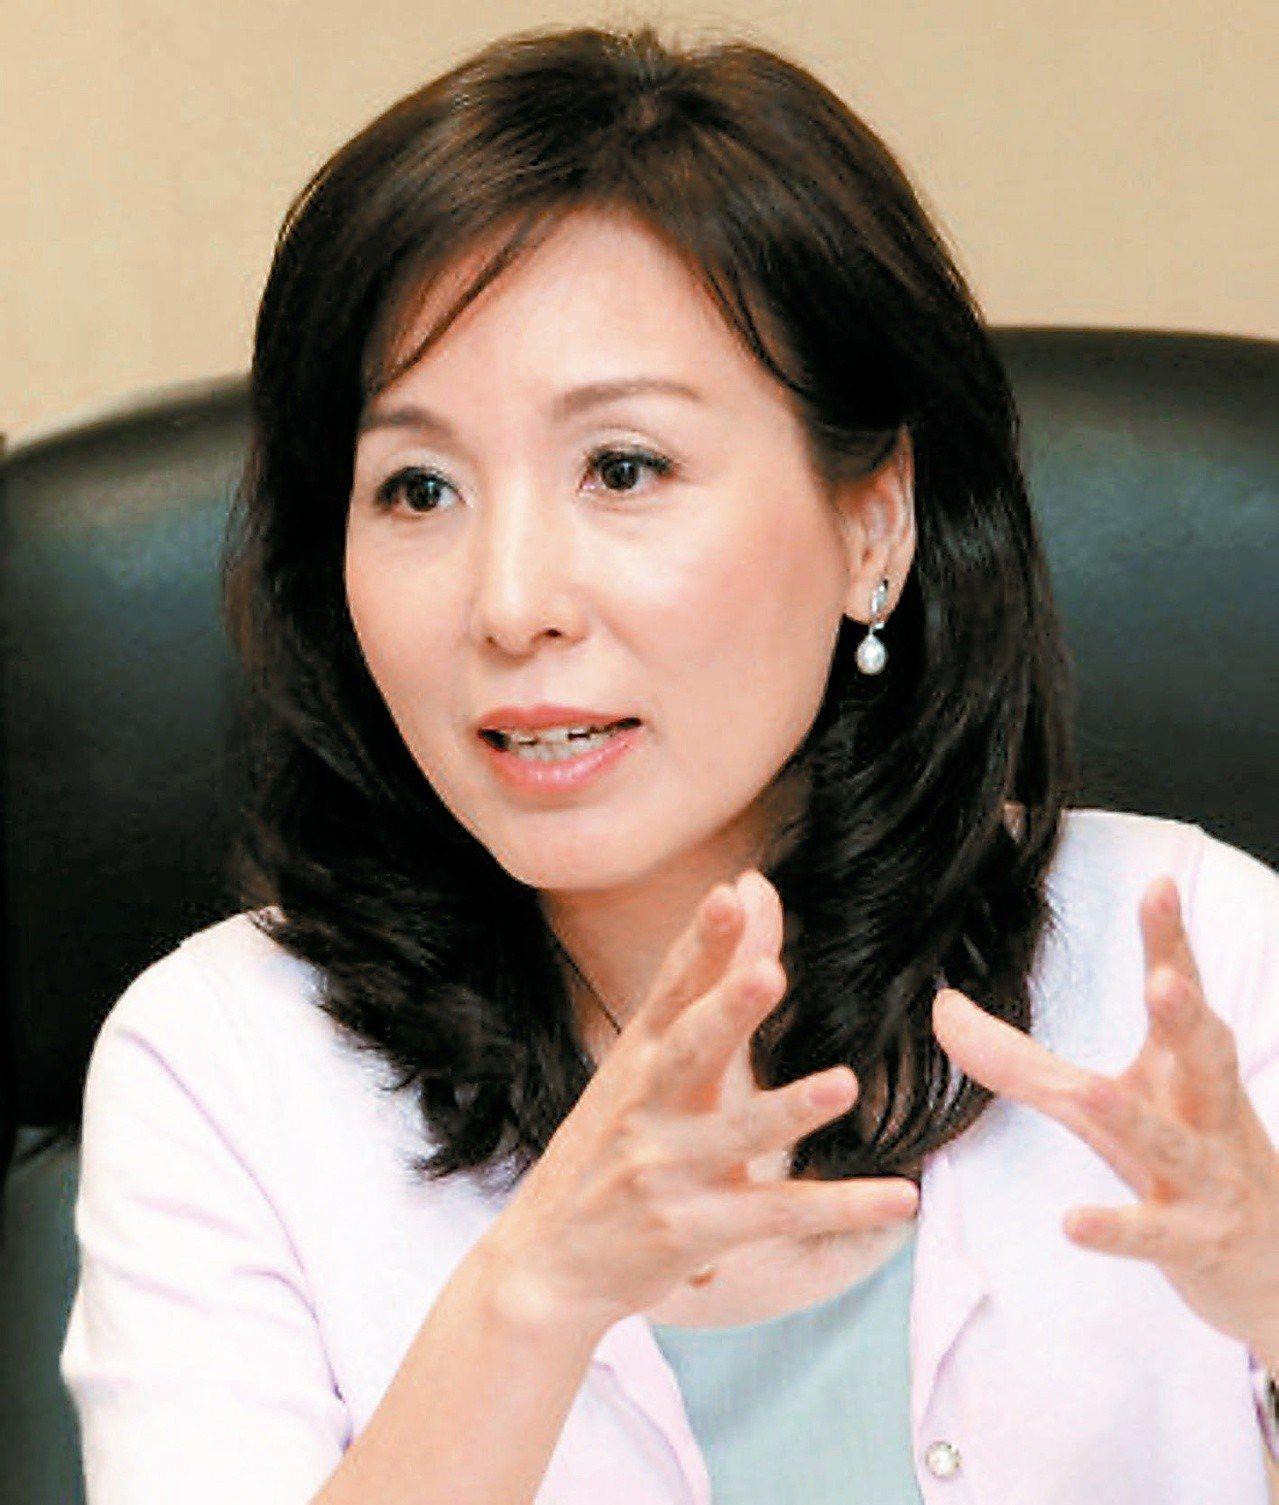 新光金控發佈重大人事案,因職務調整,副董事長李紀珠免兼任總經理。聯合報系資料照